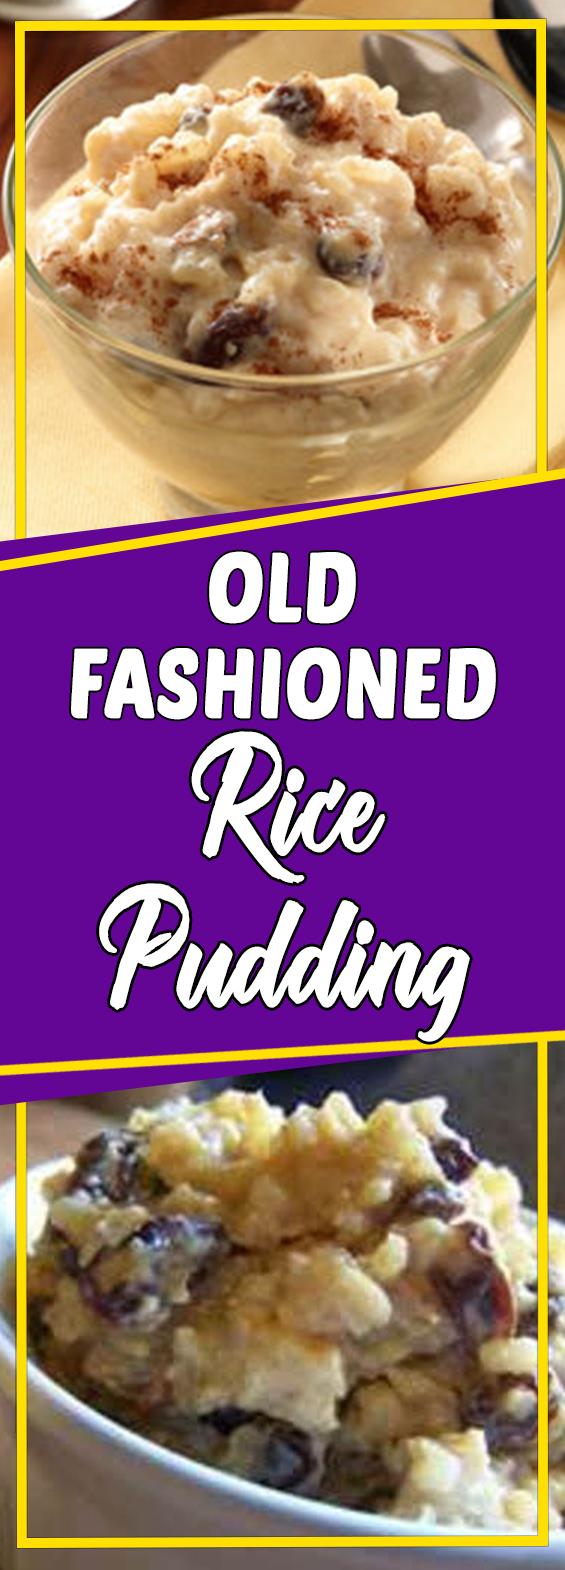 OLD FASHIONED RICE PUDDING #dessert #dessertrecipes # ...